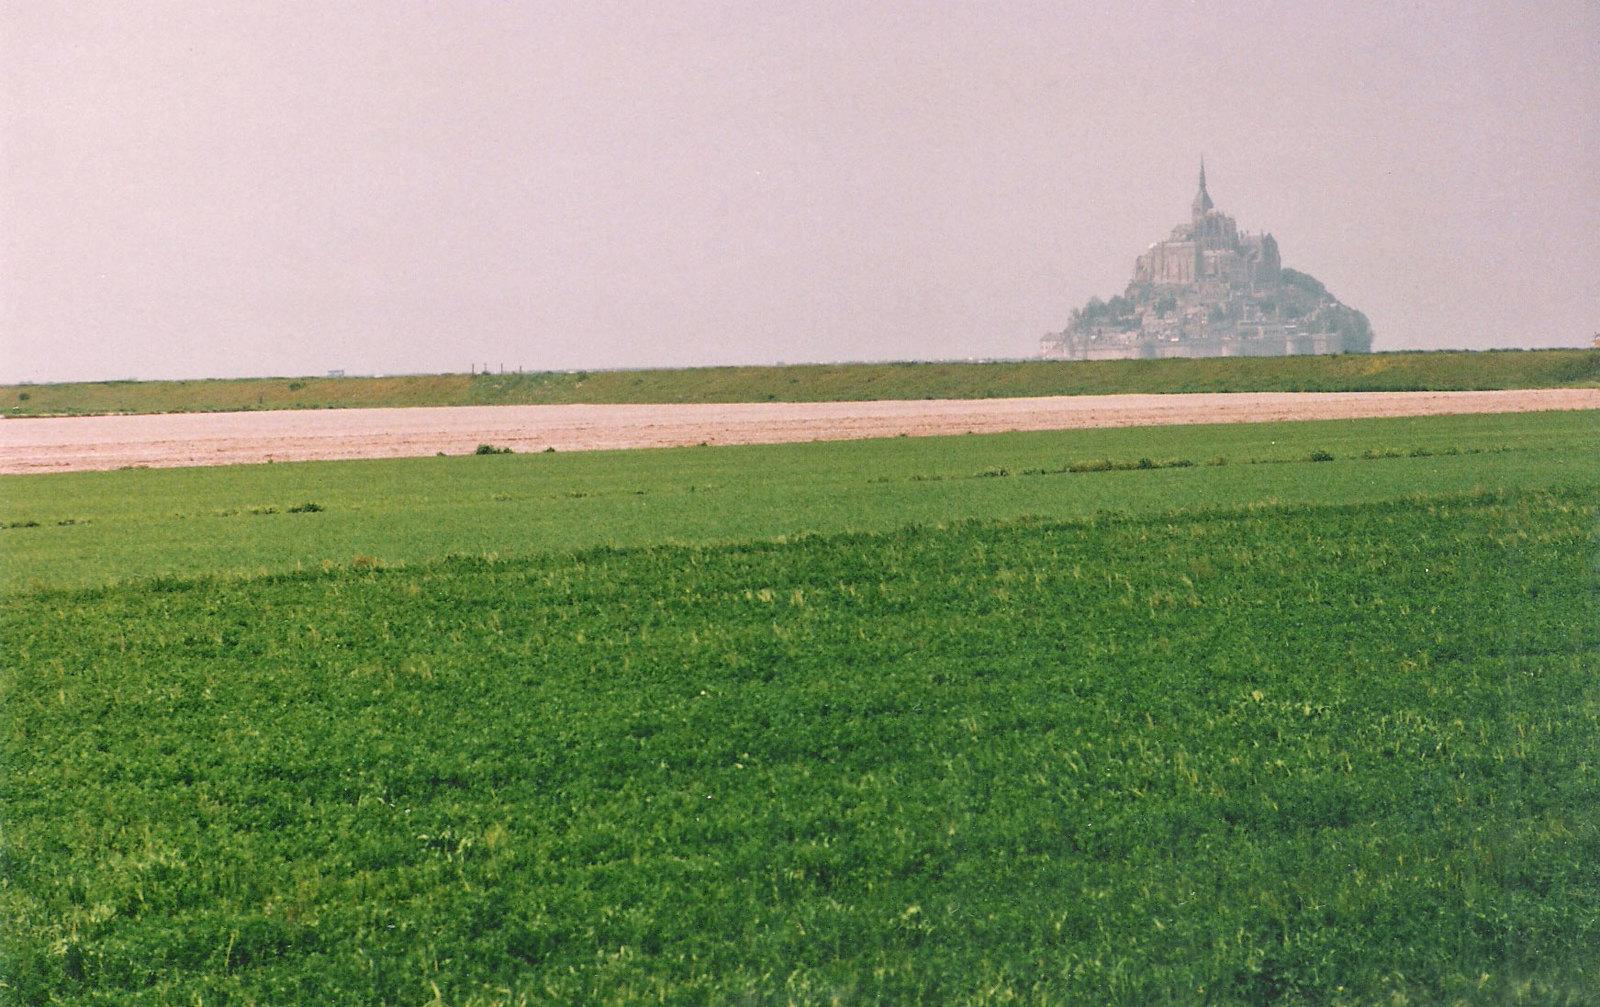 Le Mont-Saint-Michel on approach